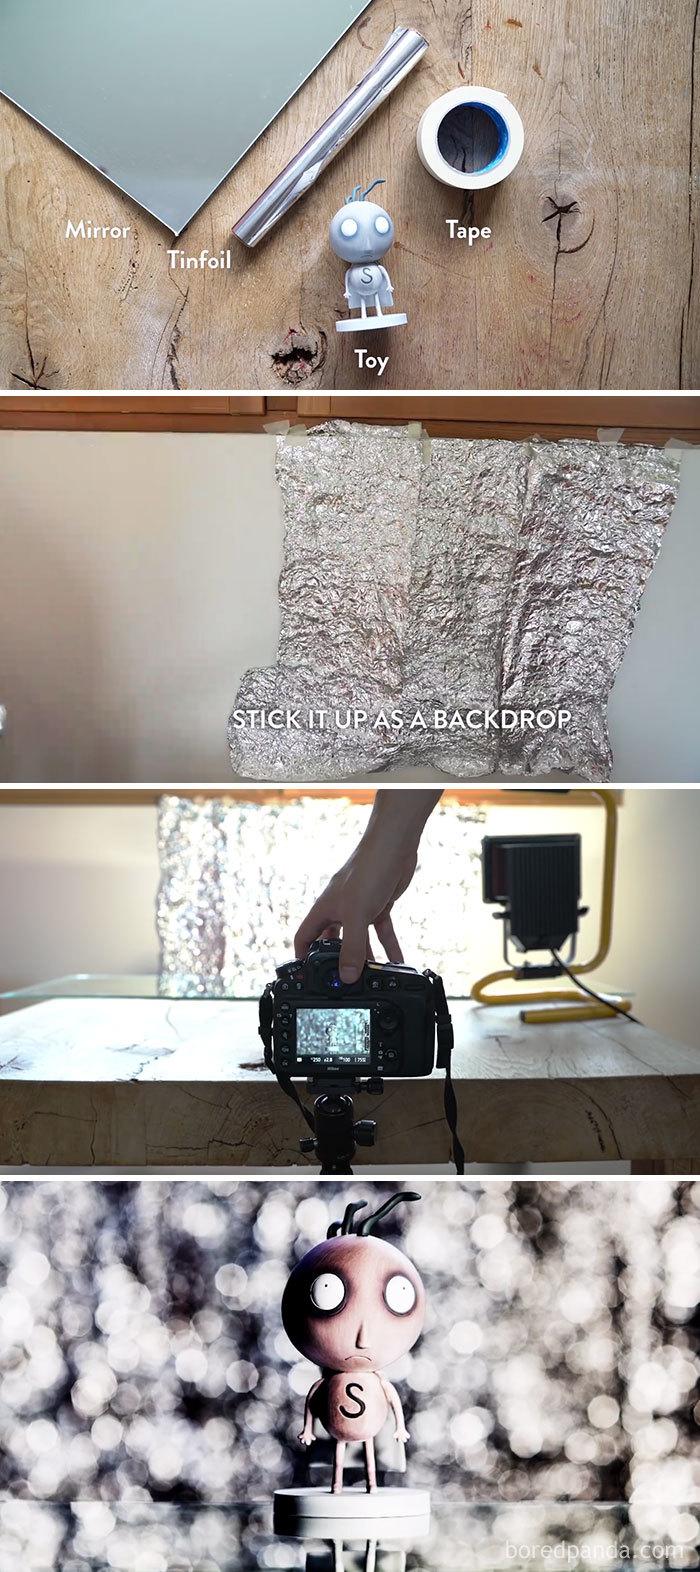 محترفي التصوير بالكاميرا